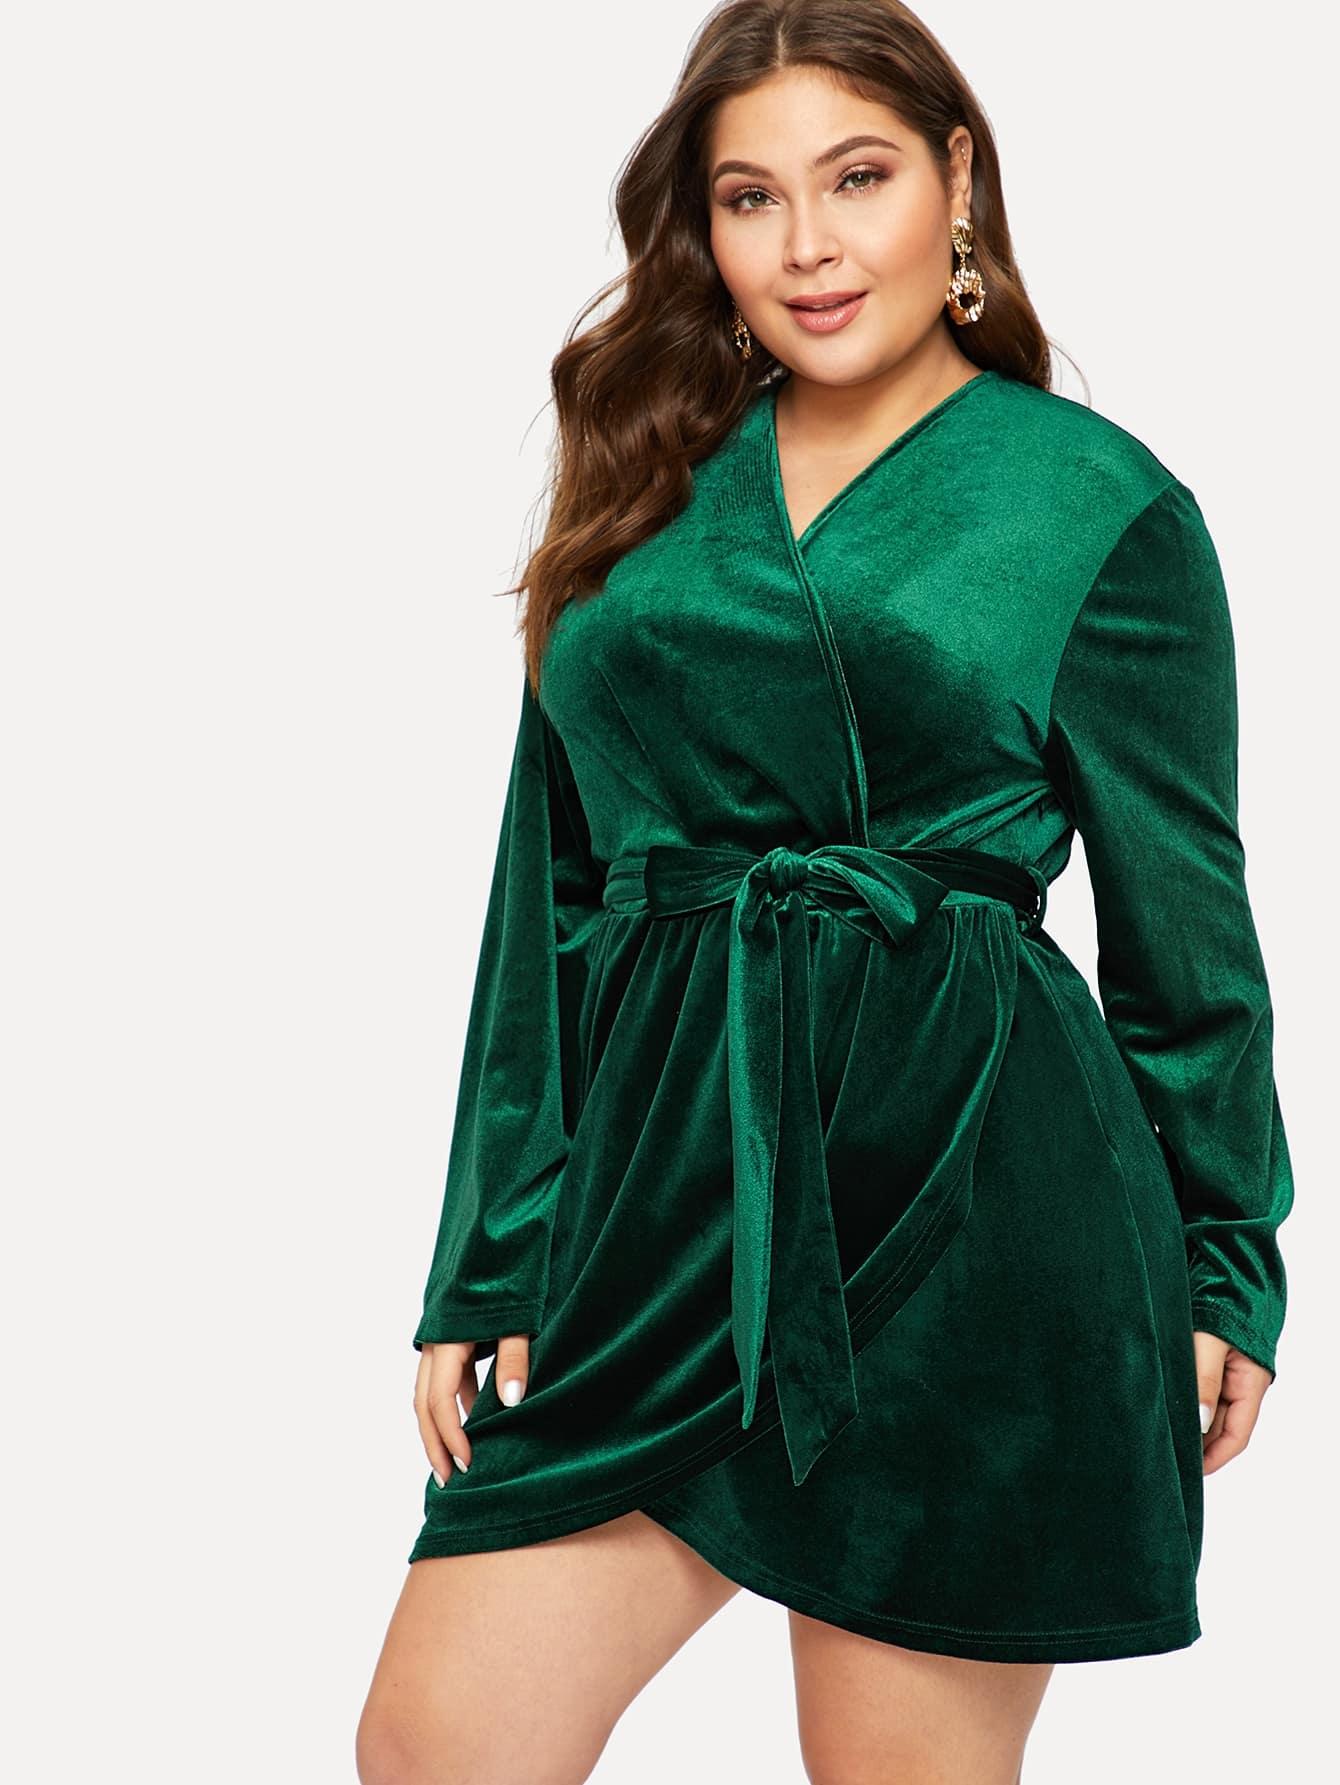 Размер плюс бахратное платье на запах с поясом и глубоким V-образным вырезом